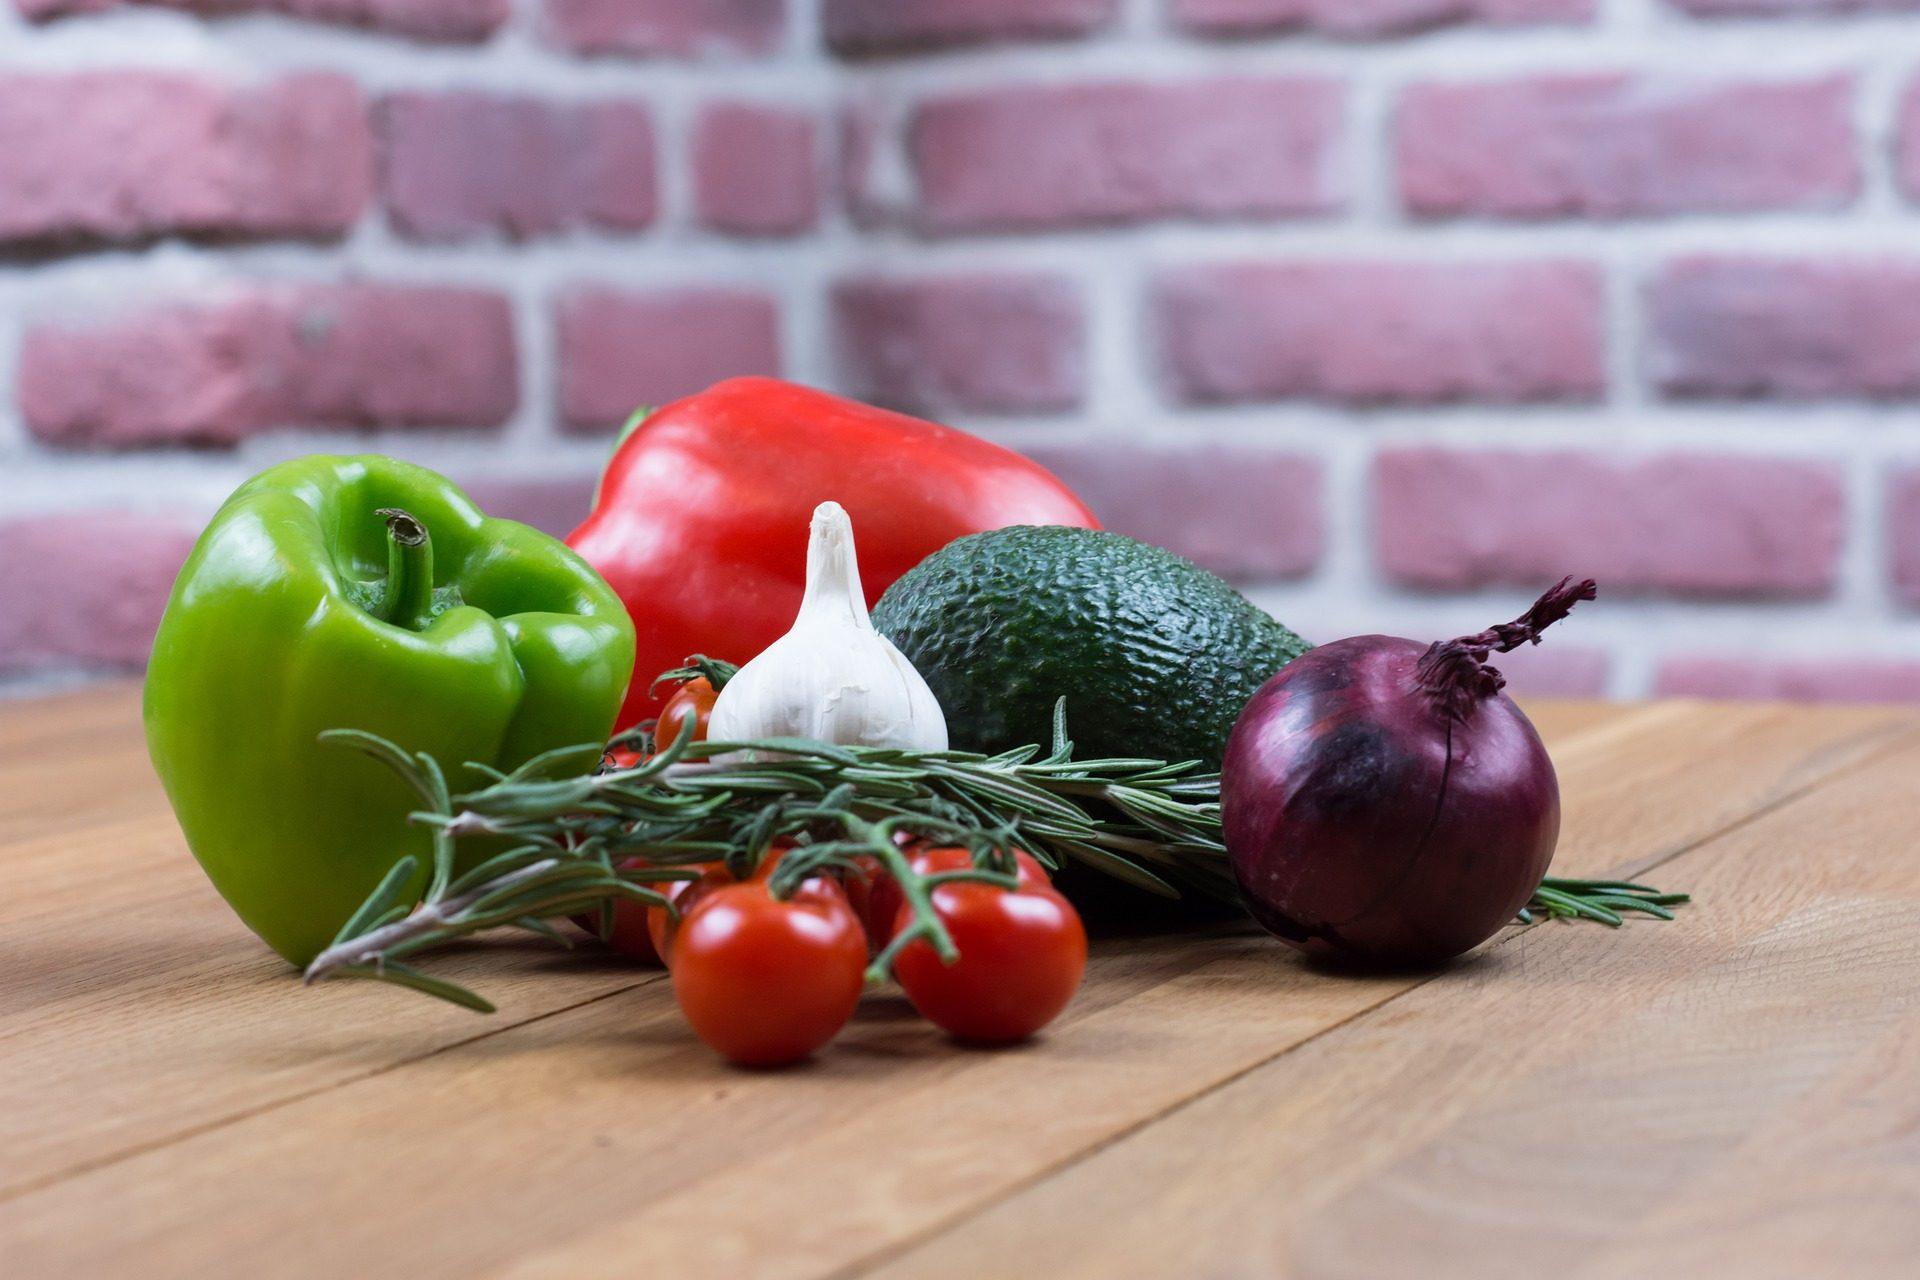 verduras, vegetales, pimiento, aguacate, cebolla, tomates - Fondos de Pantalla HD - professor-falken.com